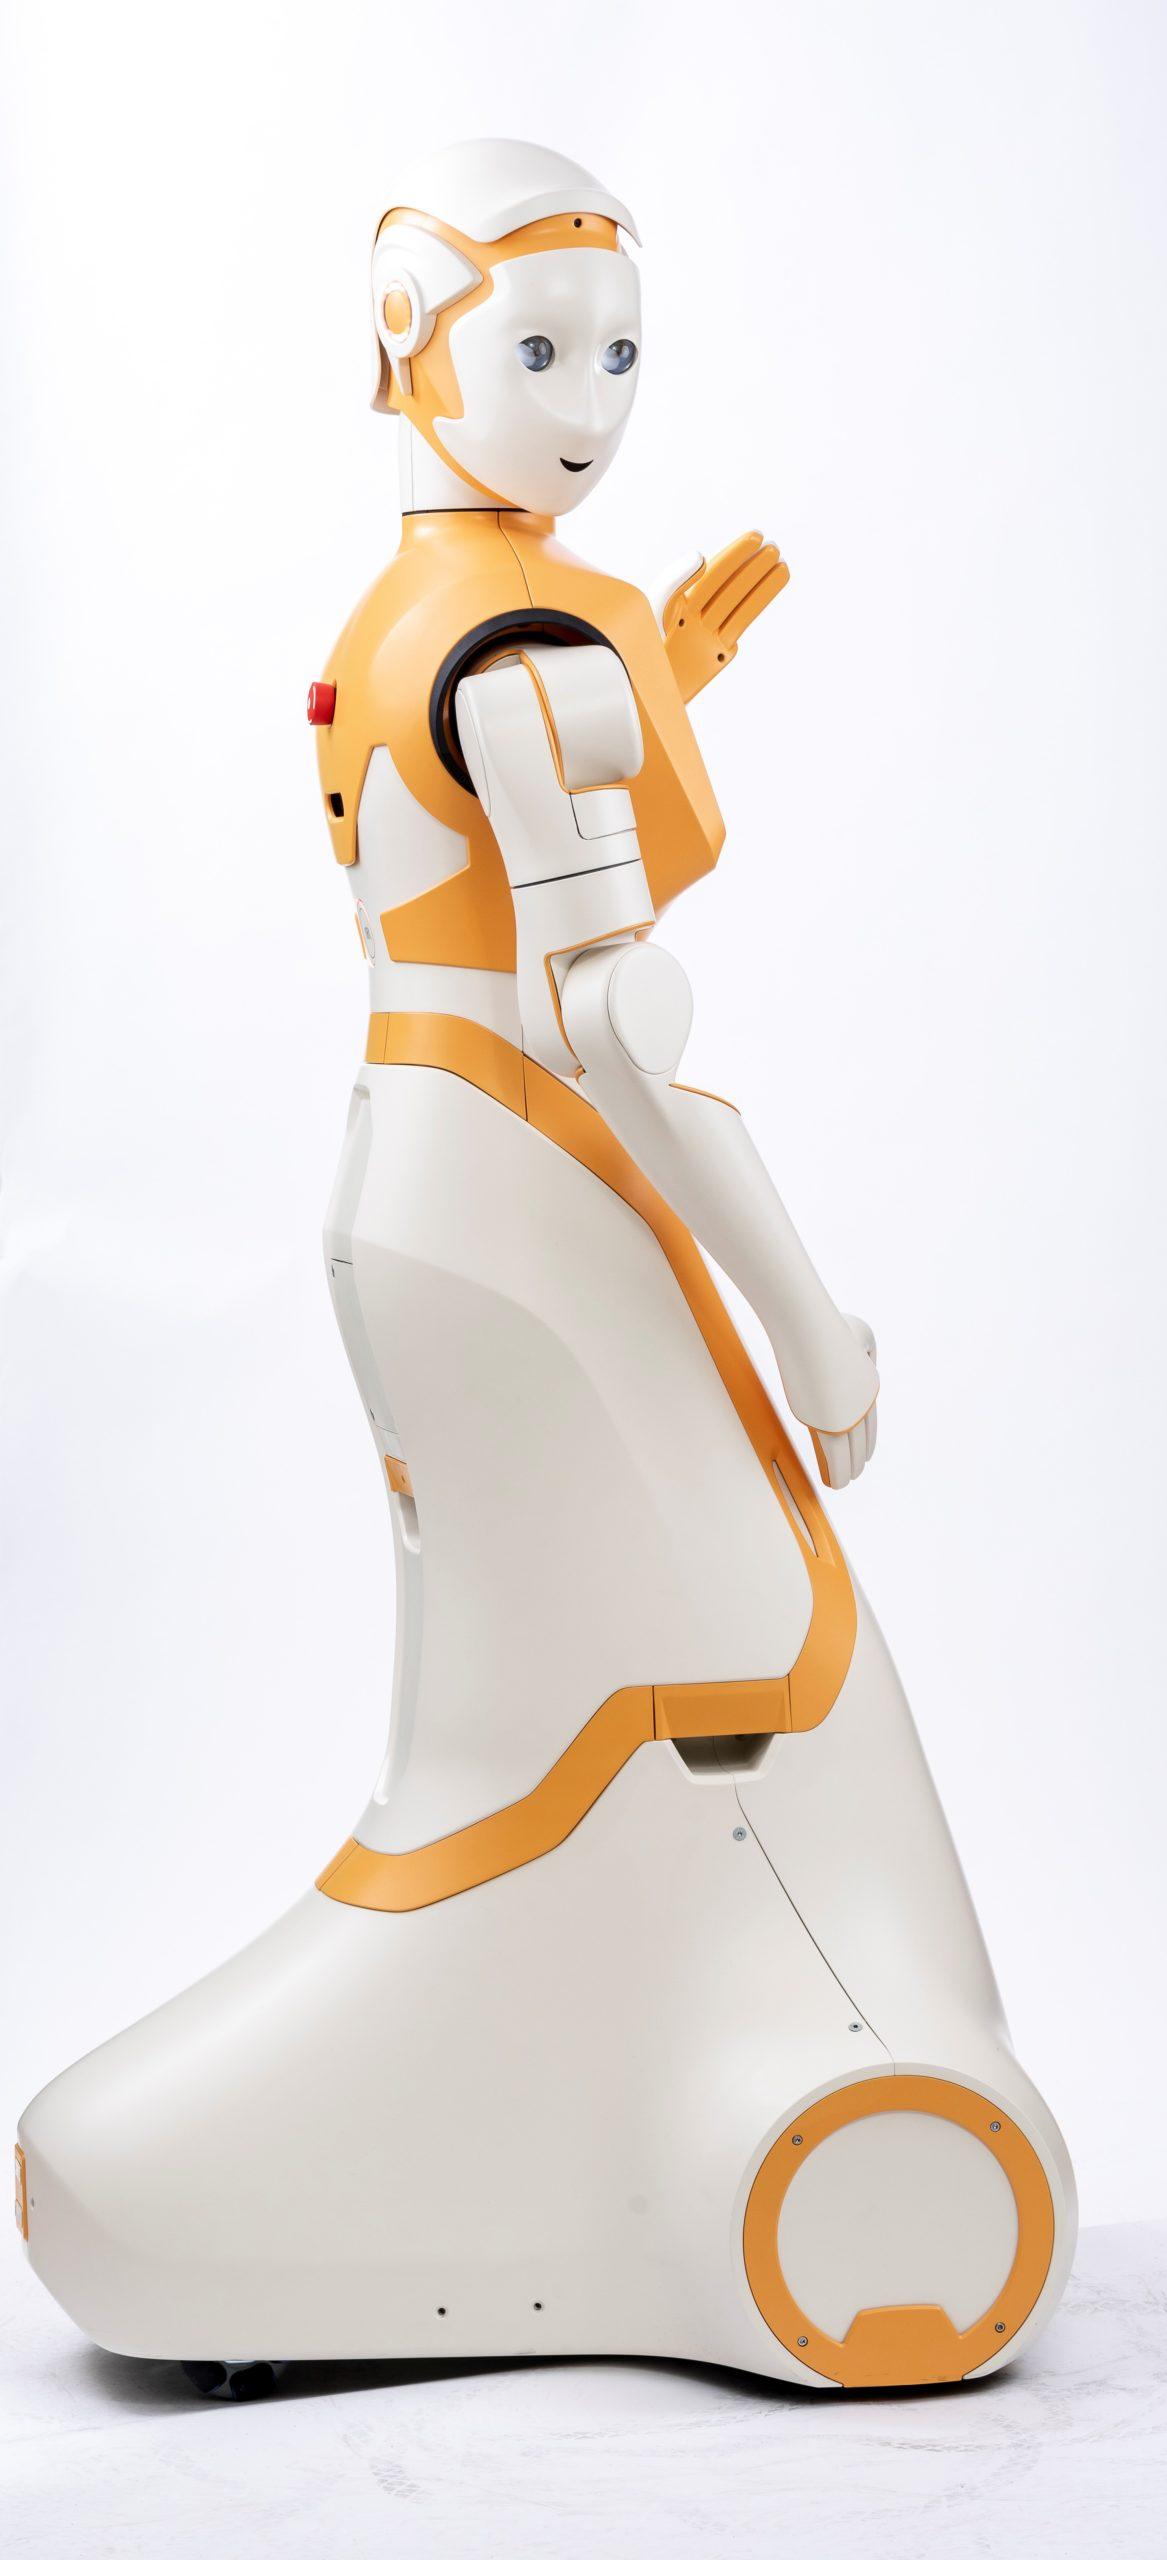 ARI-SPRING robot, Credit PAL Robotics